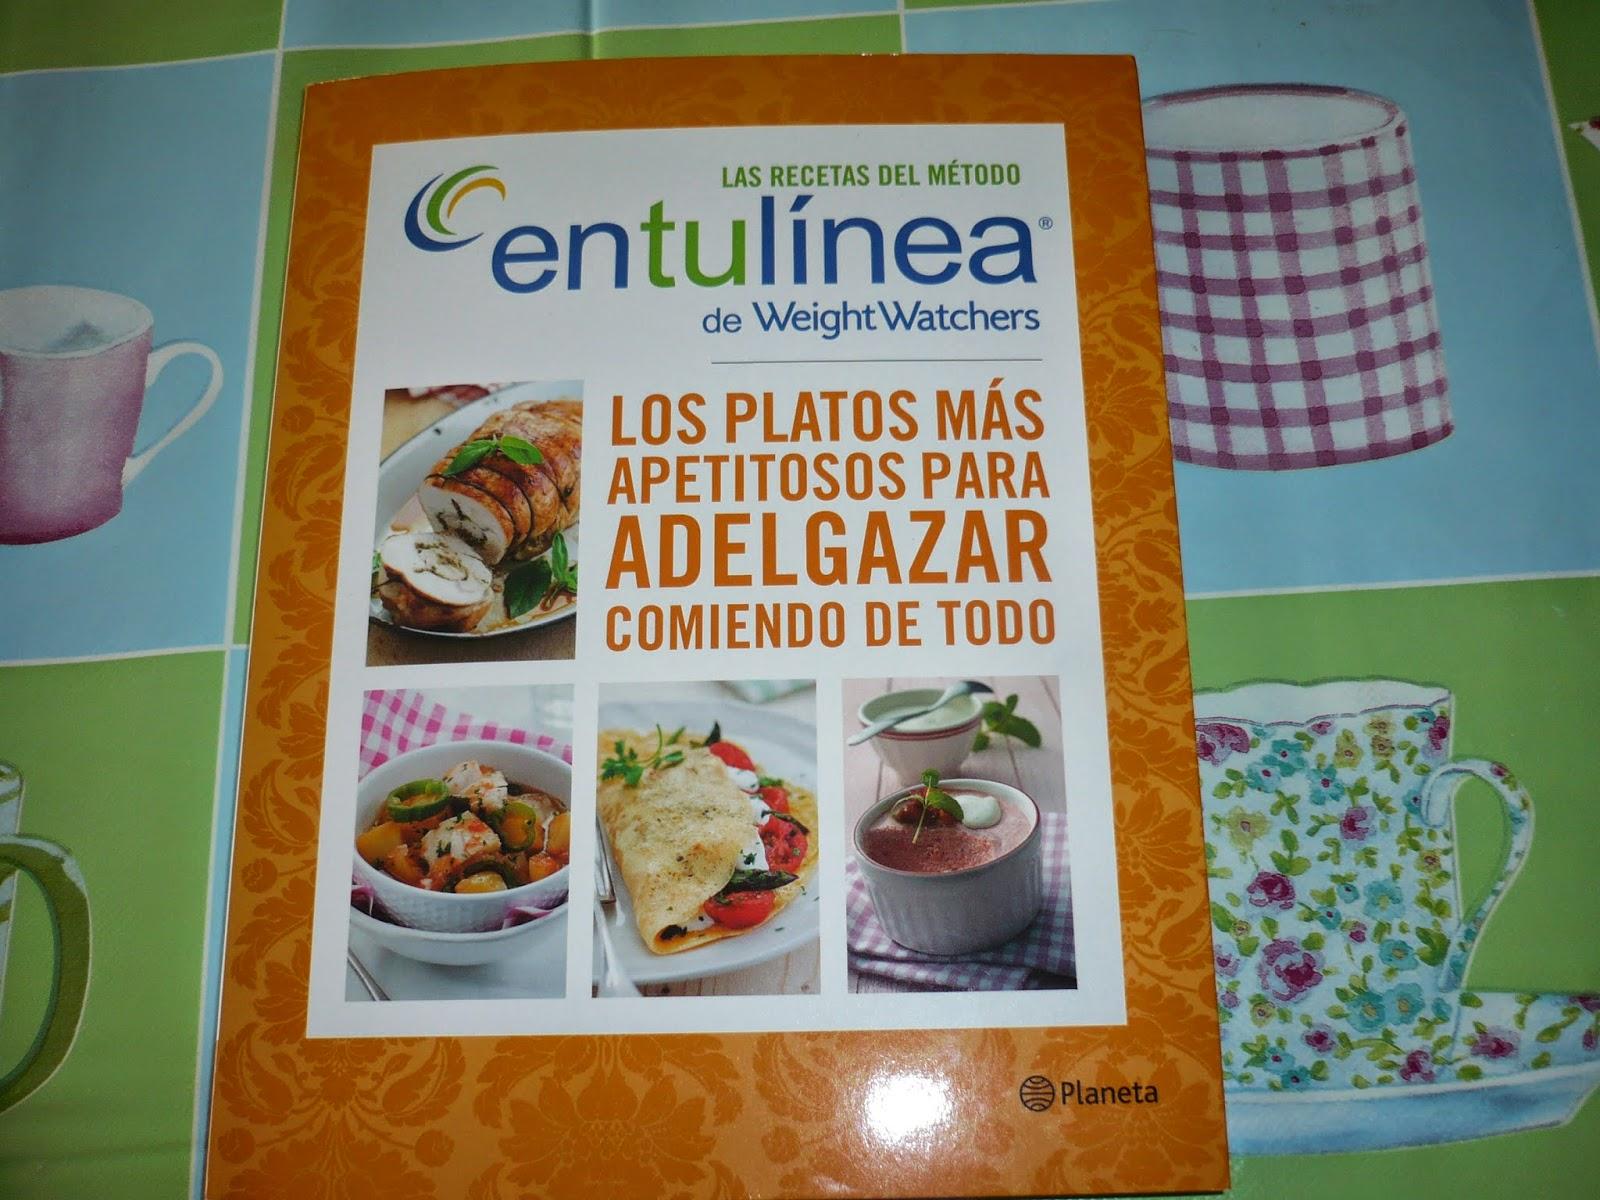 En La Cocina Con Ana Dieta Pp Las Recetas Del M Todo Entul Nea  ~ Como Adelgazar Comiendo De Todo